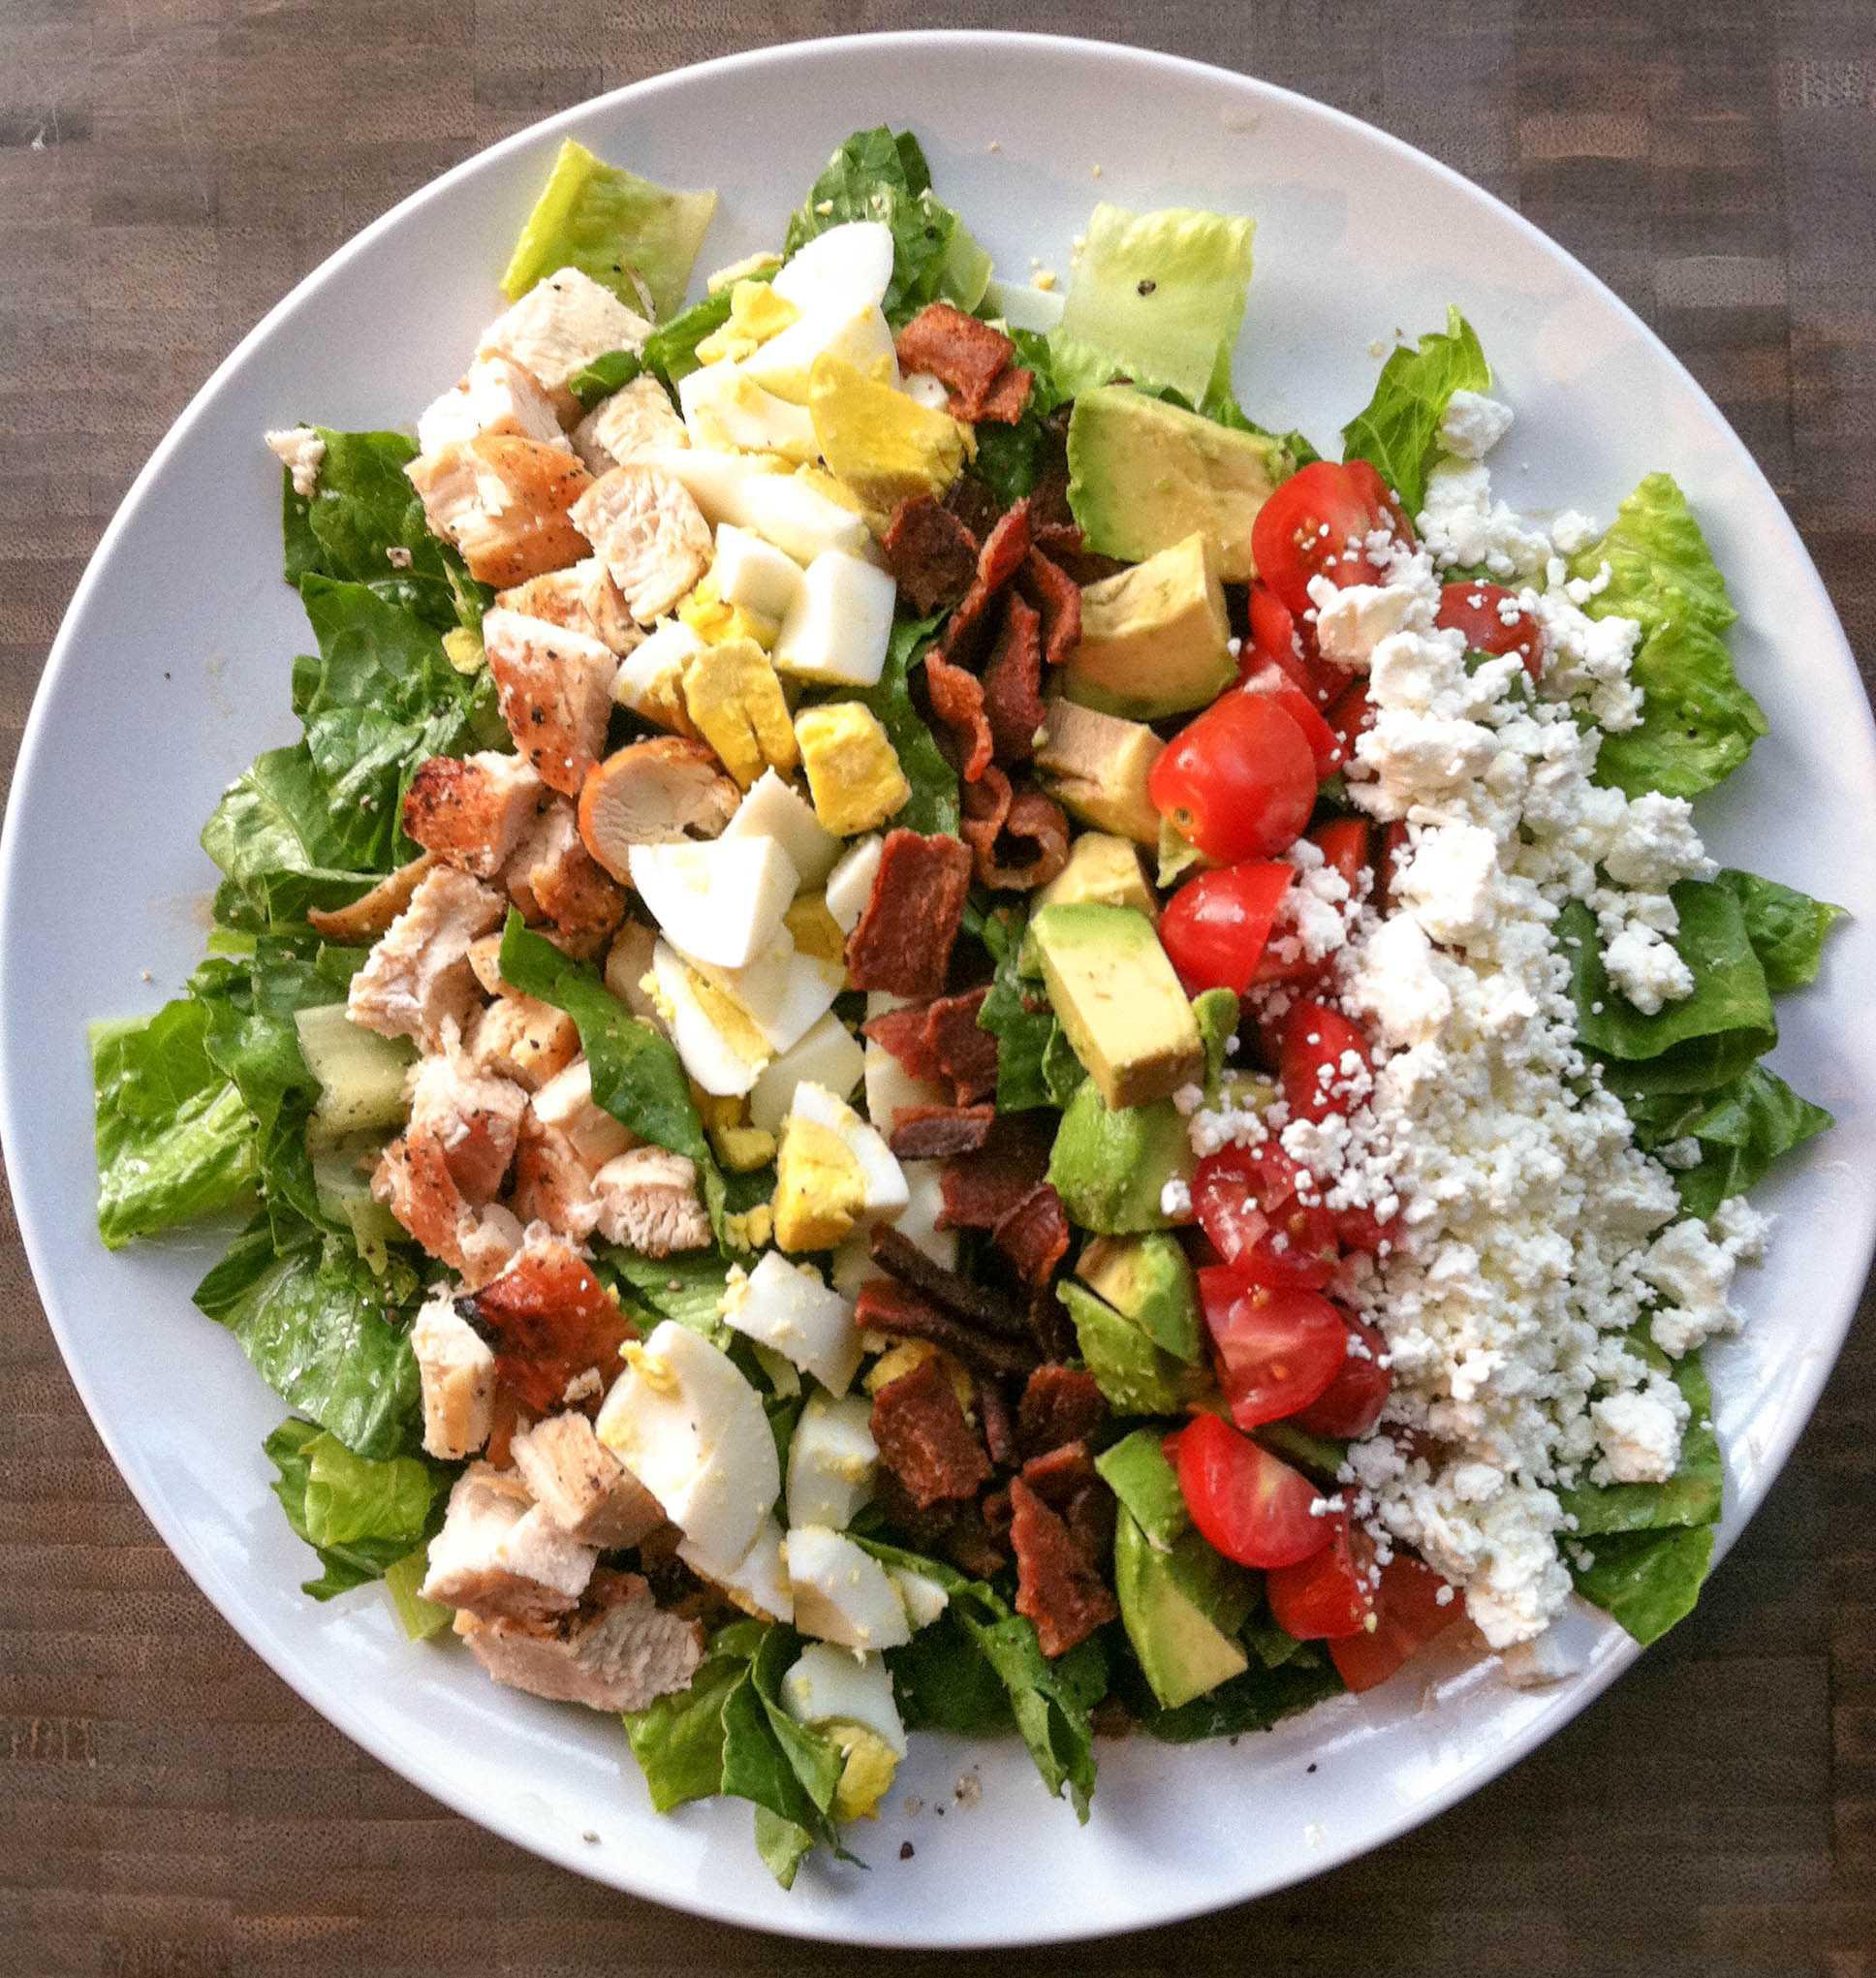 Кобб салат - рецепт оригинального американского салата